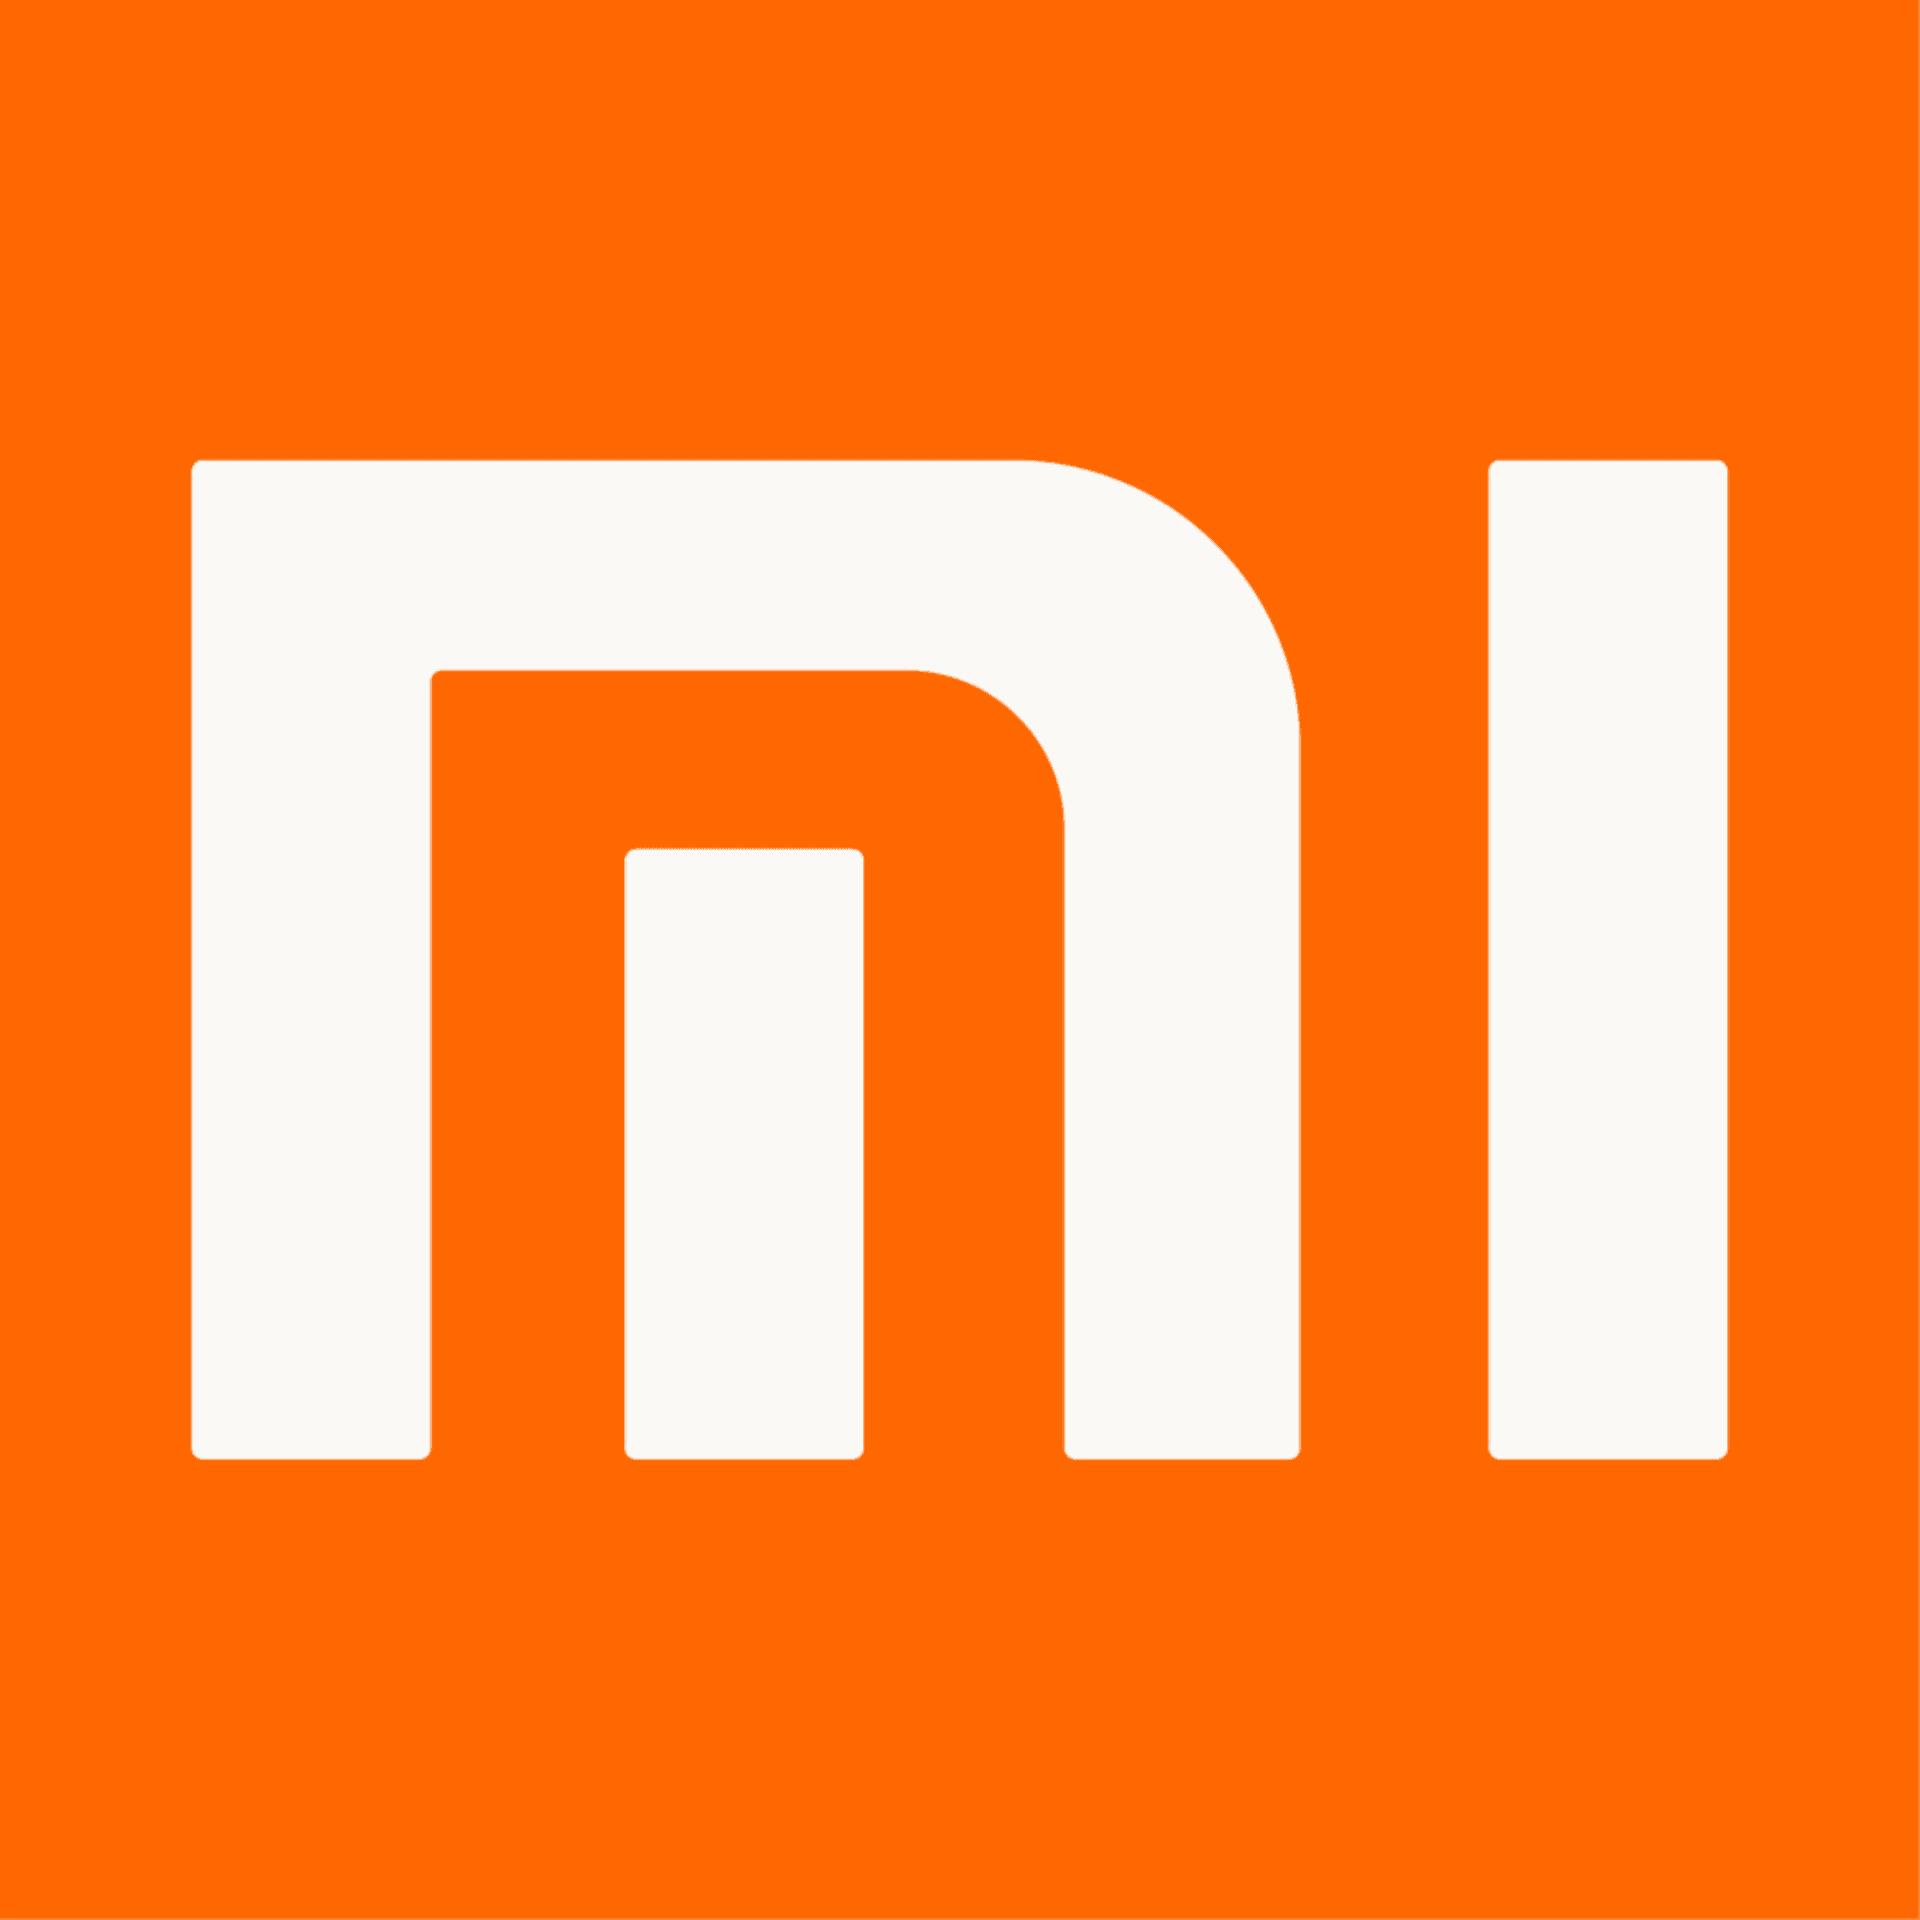 Mi logo 1